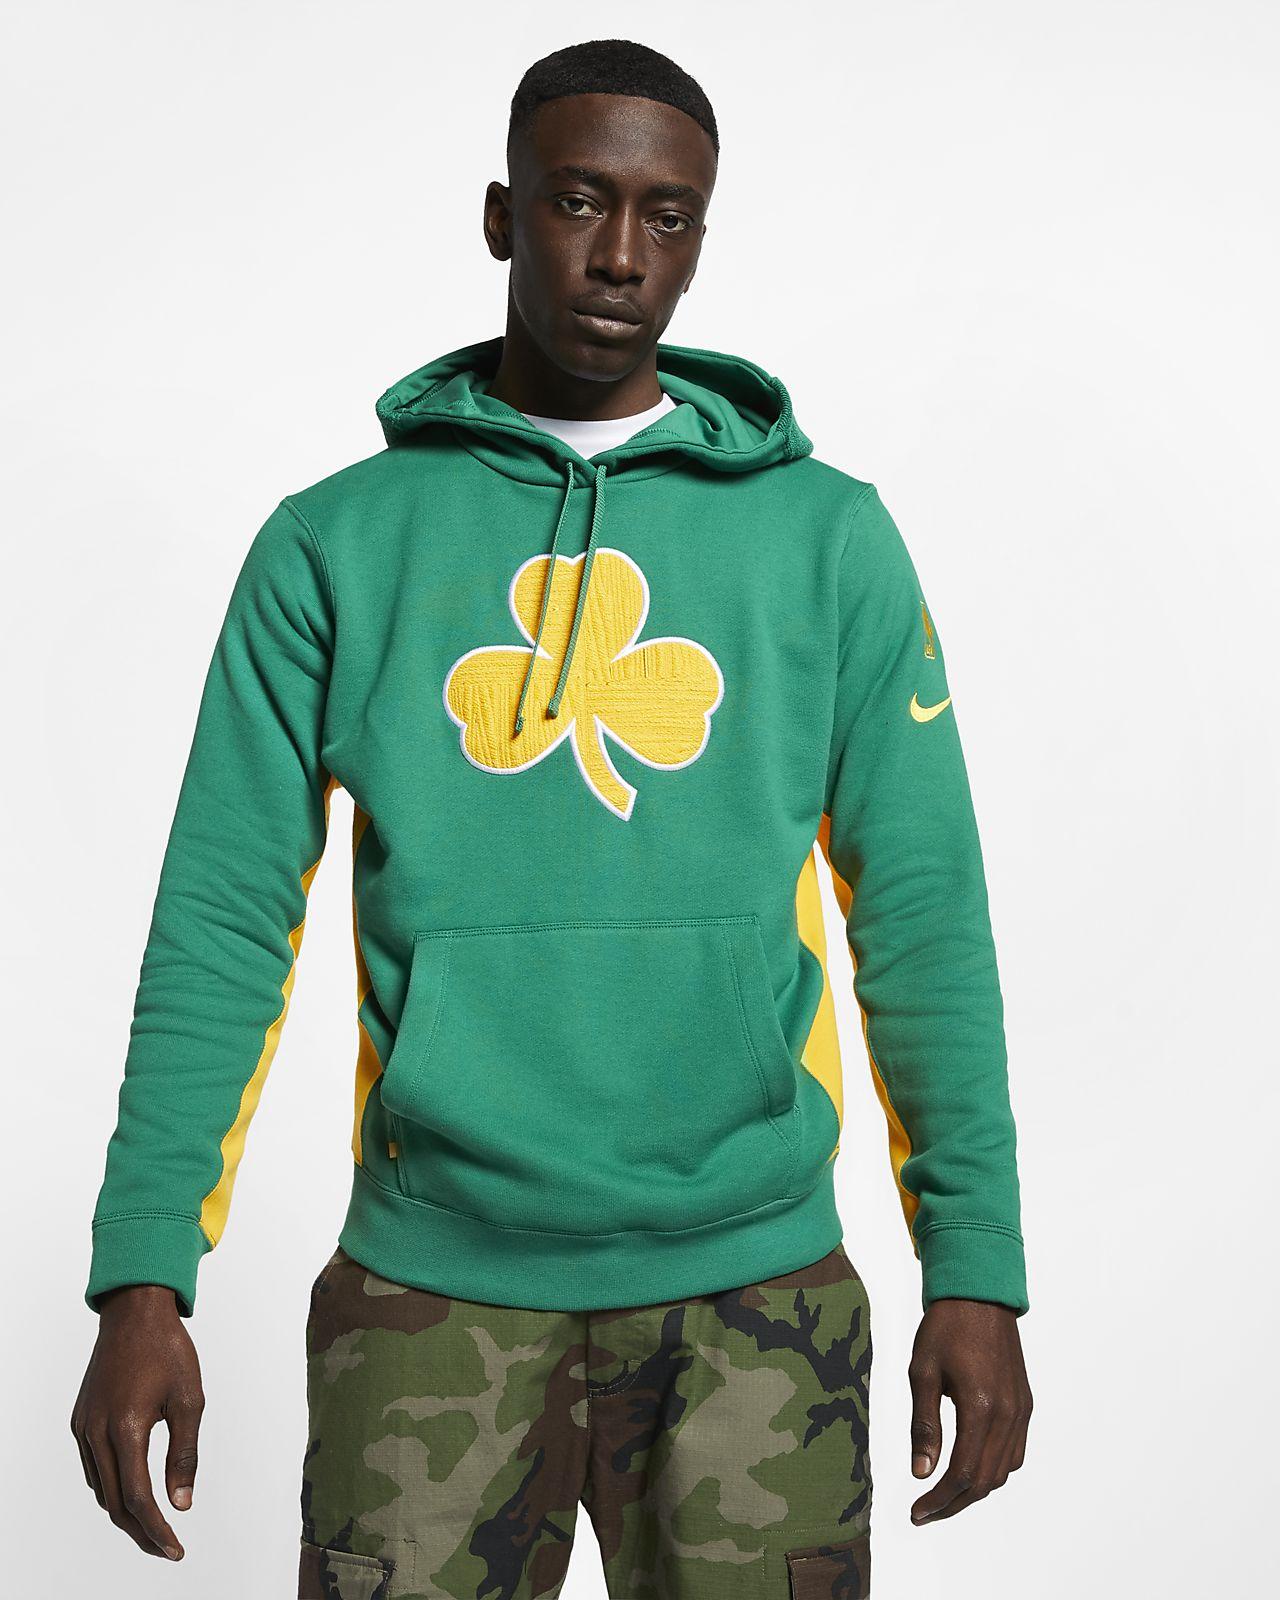 Boston Celtics Nike Sudadera con capucha de la NBA - Hombre